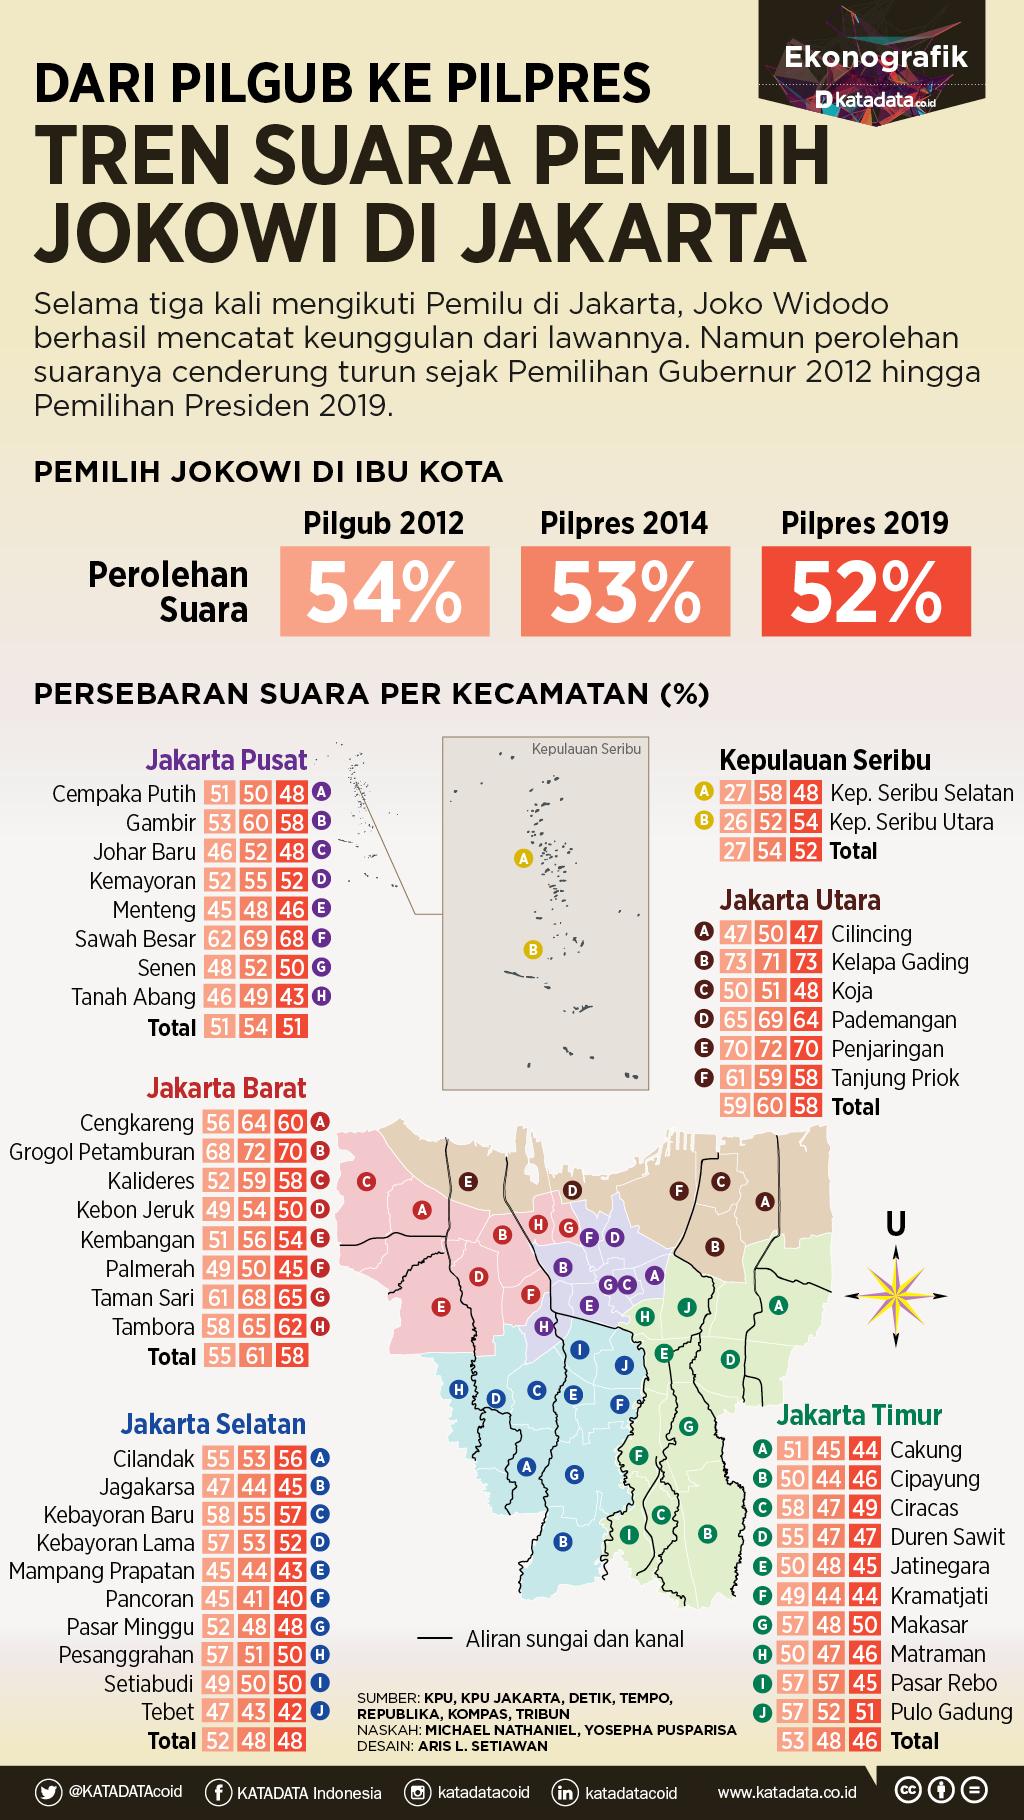 Tren Suara Jokowi di Jakarta